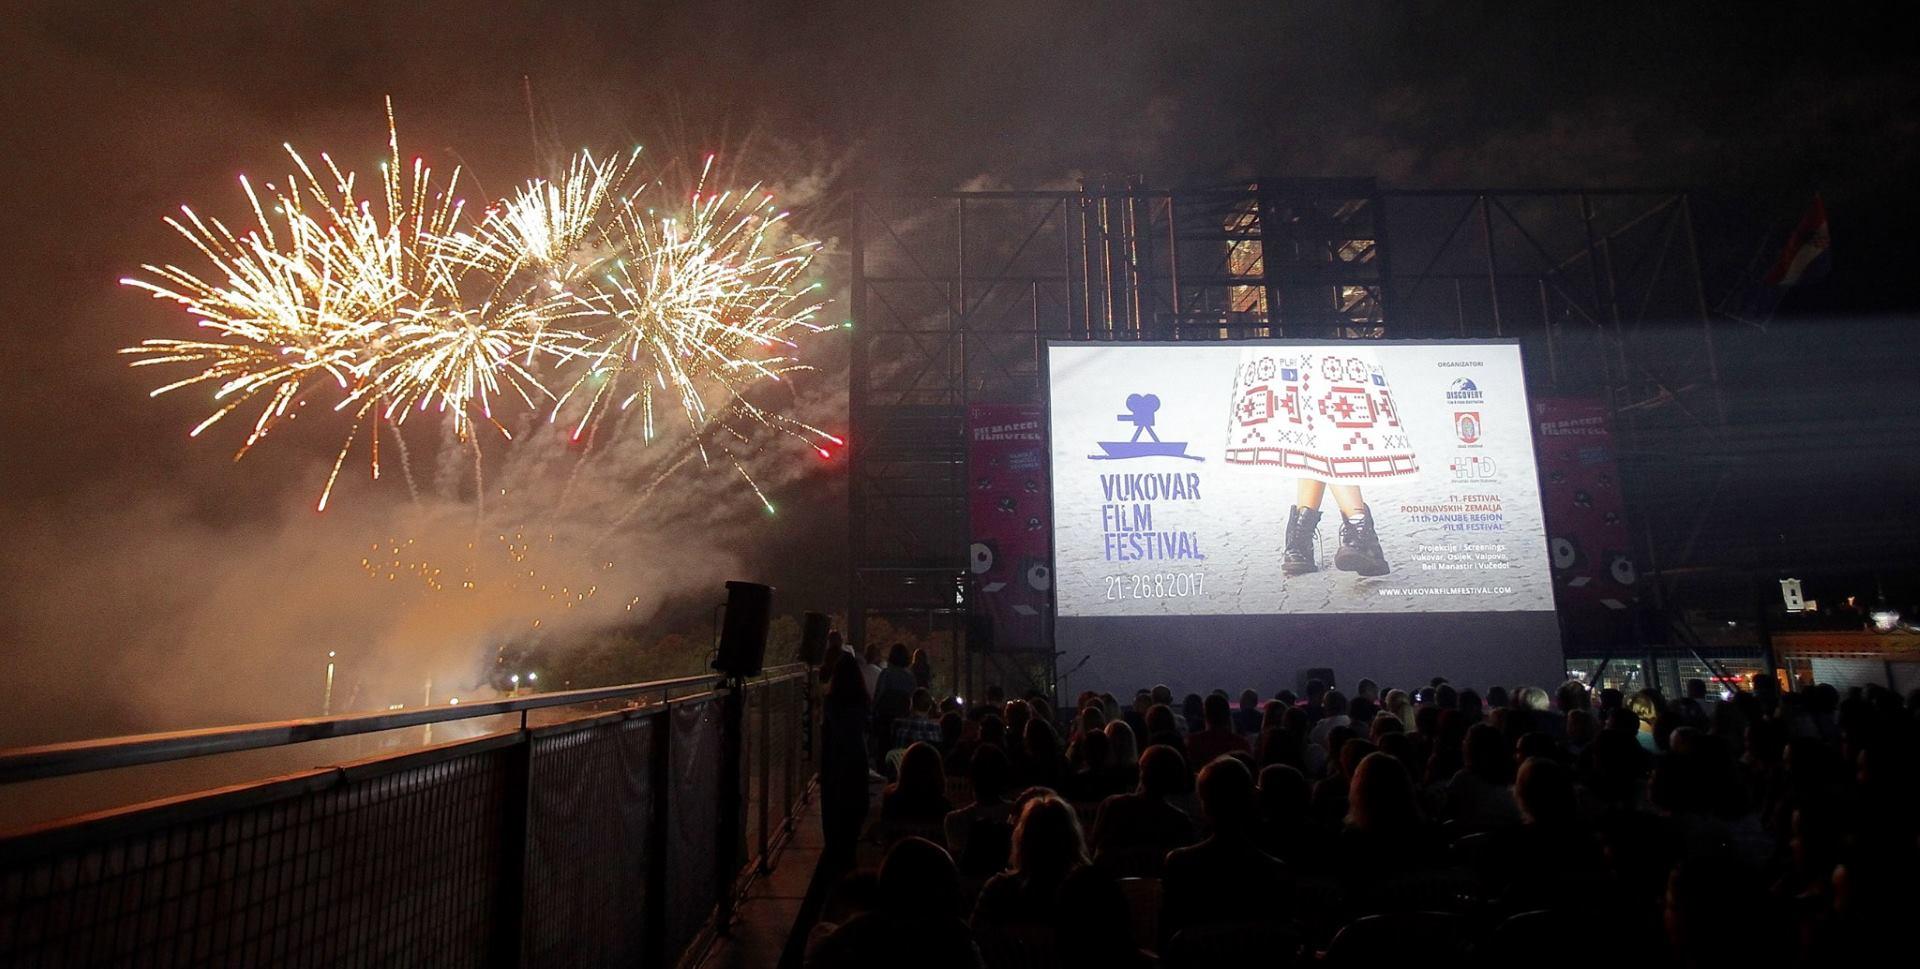 Prijavite filmove na 13. Vukovar film festival